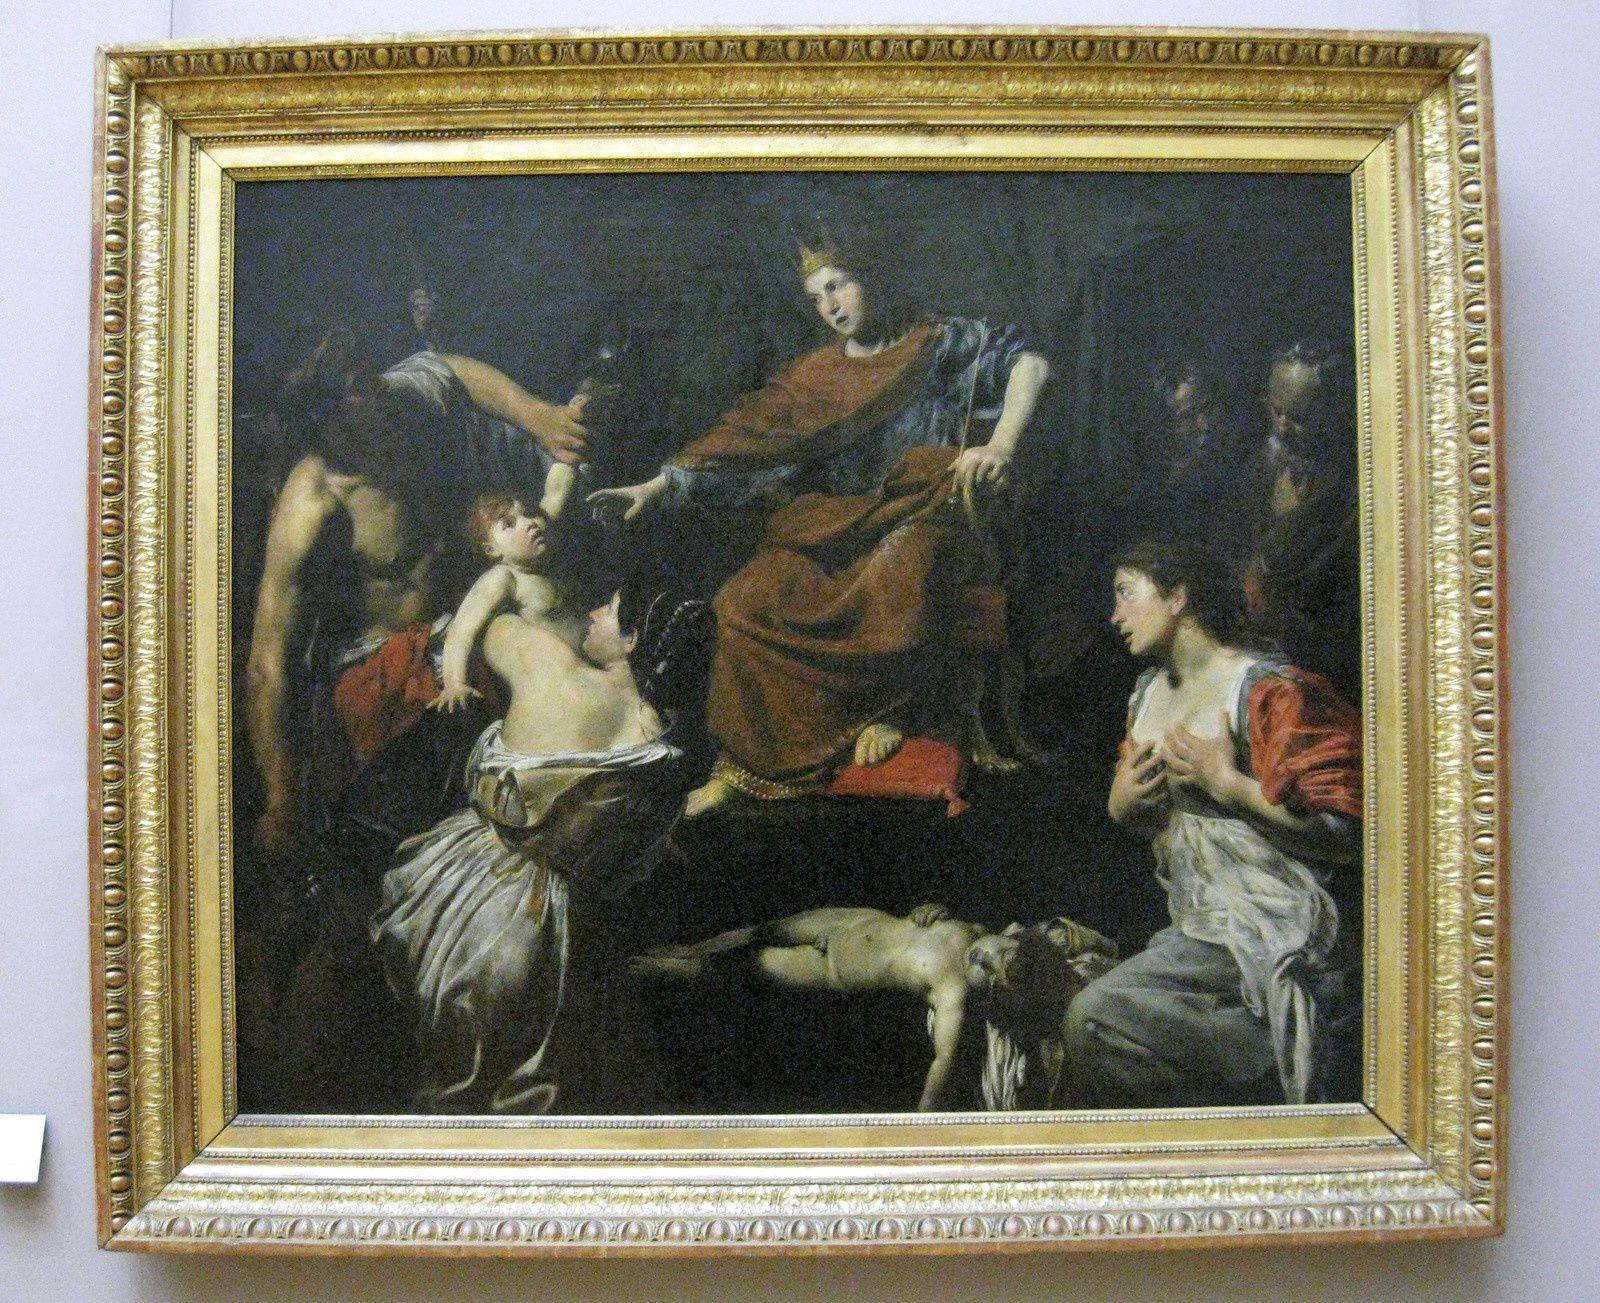 Valentin de Boulogne (Le Valentin), le jugement de Salomon